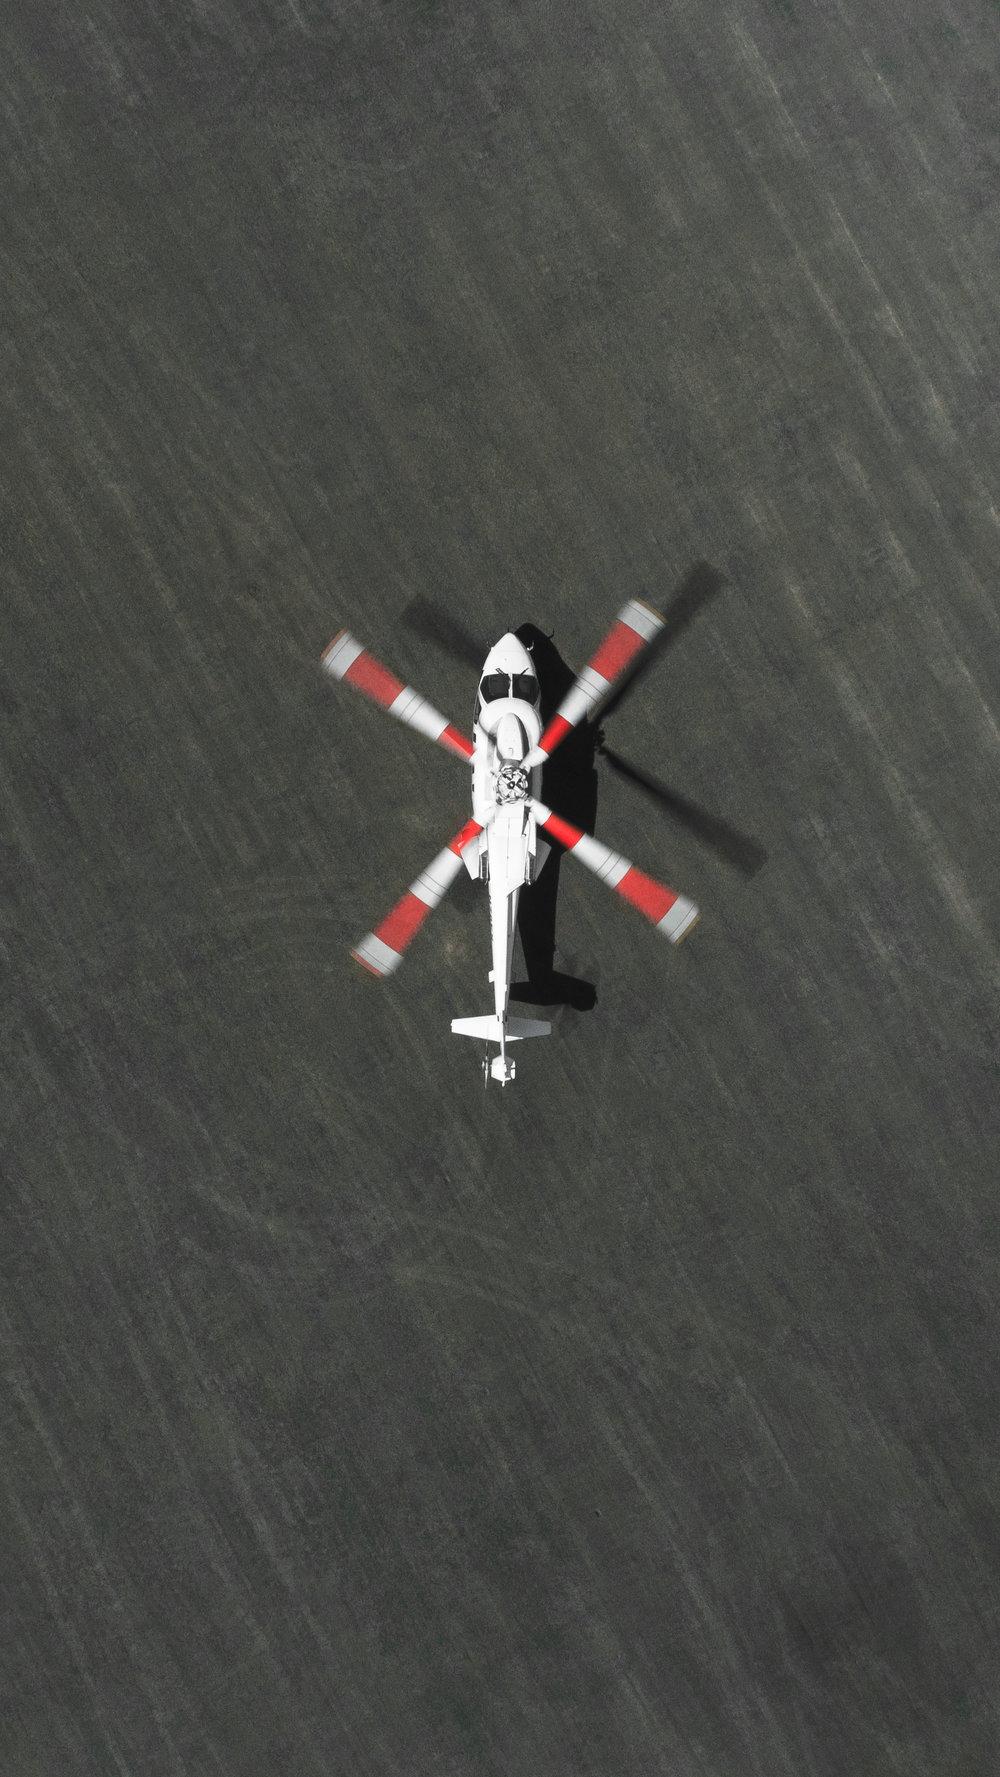 ABE1_IEX_Zenyara_Drone-21.jpg